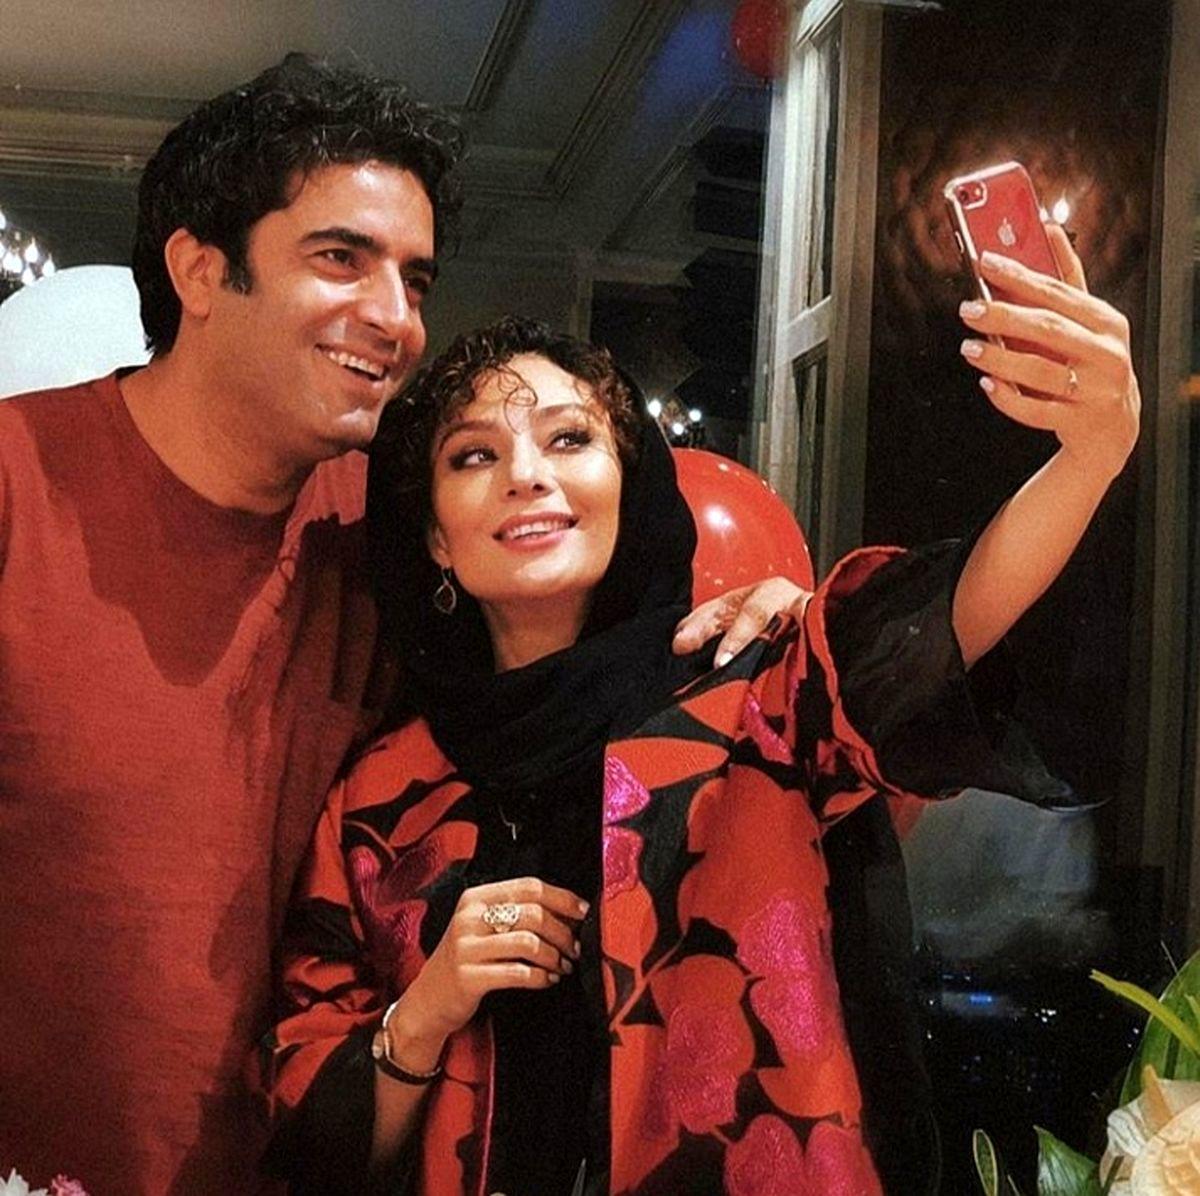 بوسیده شدن یکتا ناصر توسط همسرش جنجال ساز شد + عکس